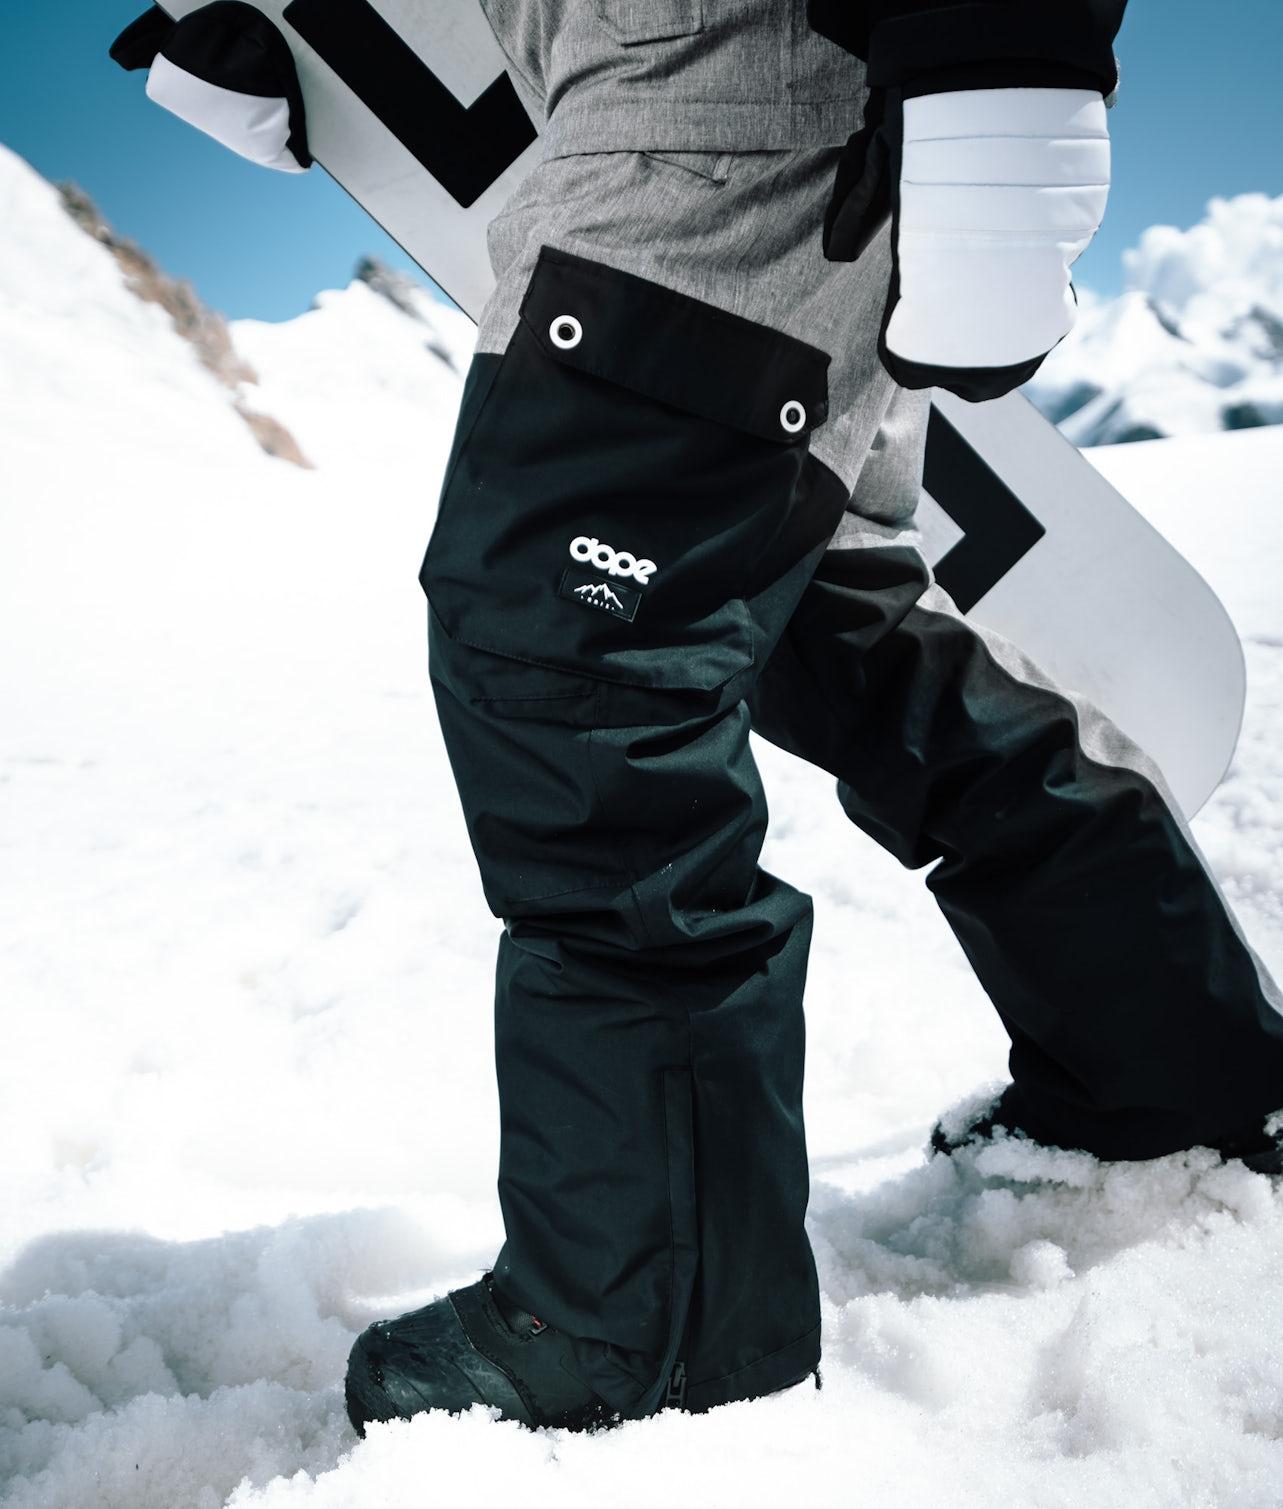 Kjøp Adept Snowboardbukse fra Dope på Ridestore.no - Hos oss har du alltid fri frakt, fri retur og 30 dagers åpent kjøp!